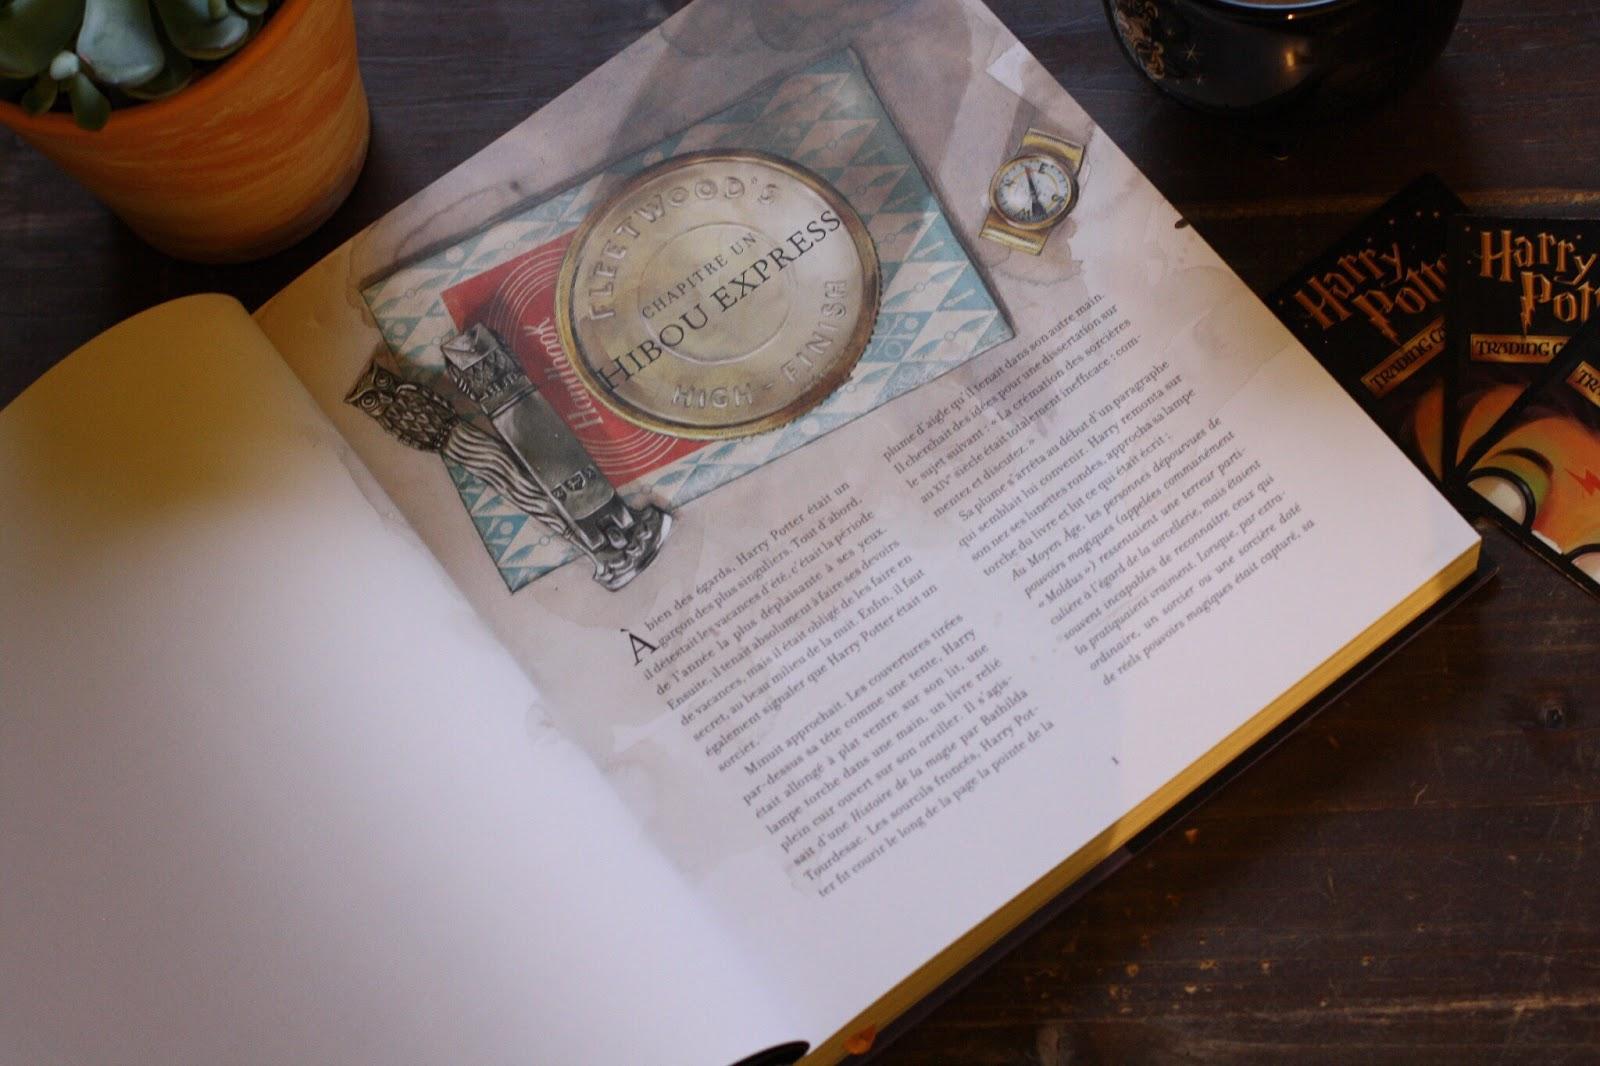 Harry Potter Et Le Prisonnier D Azkaban Edition Illustree